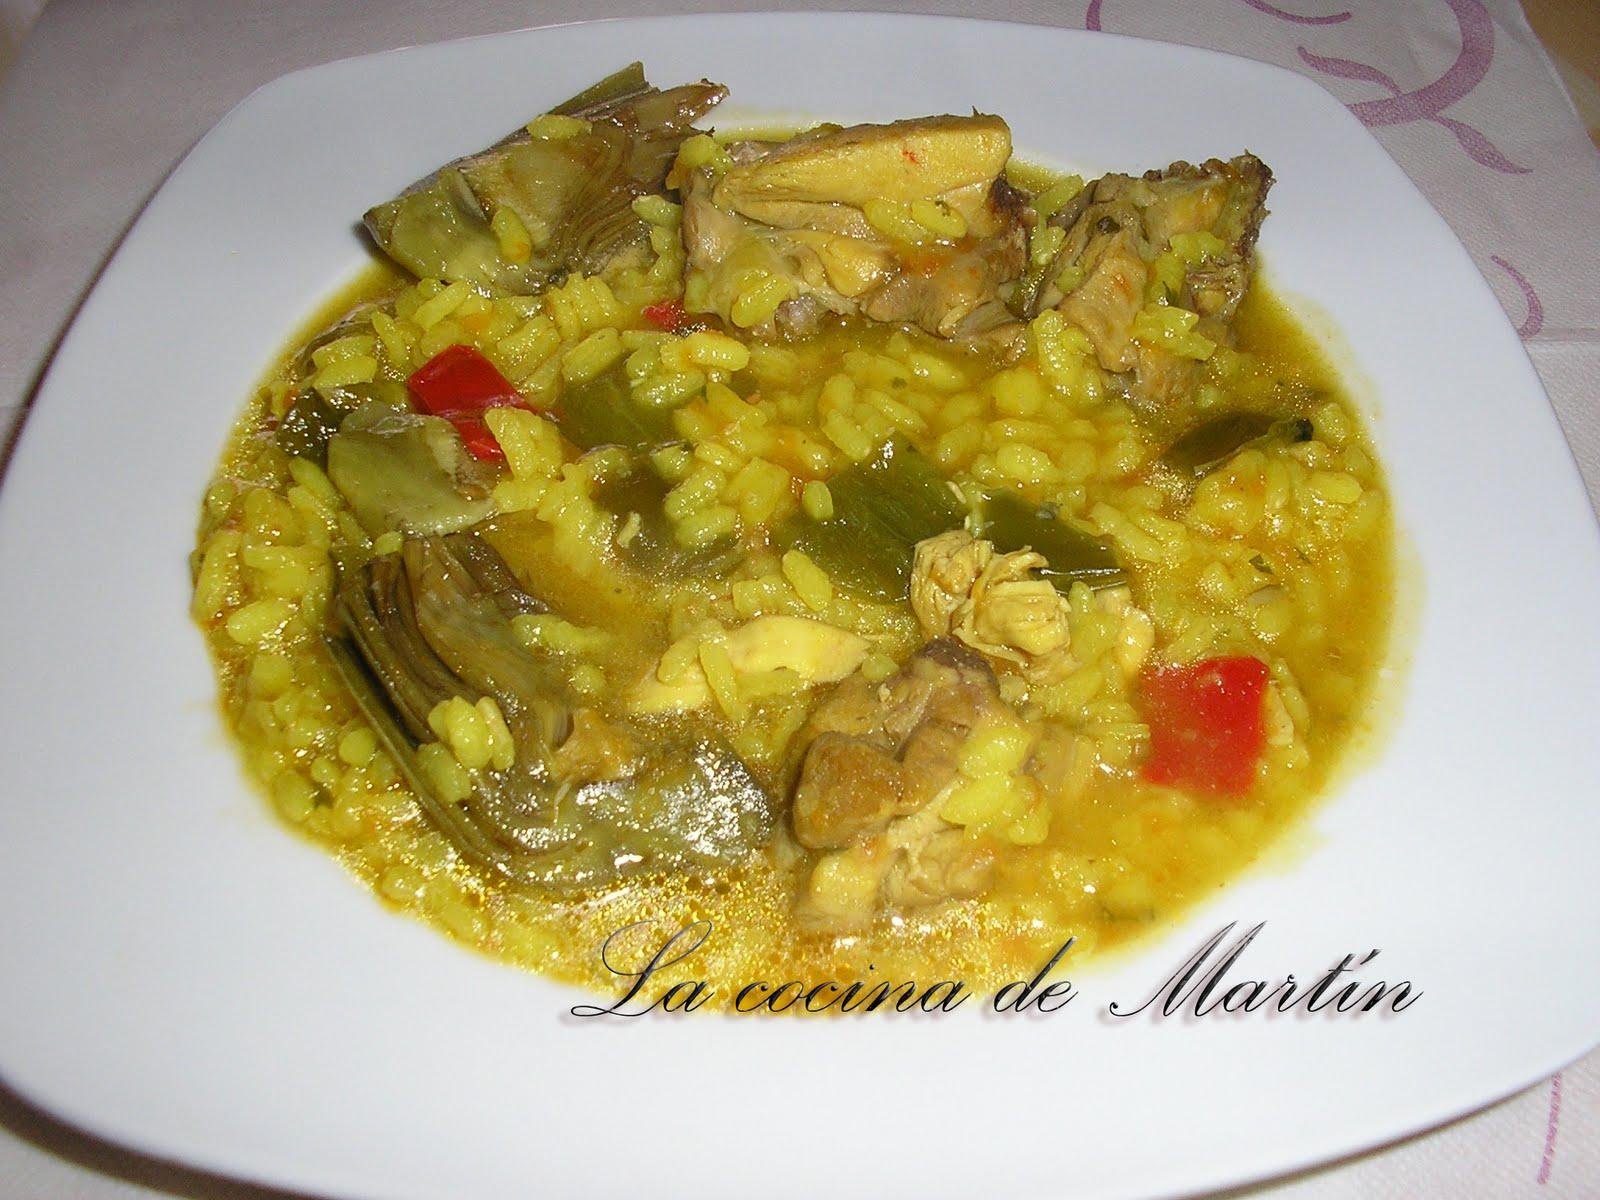 La cocina de mart n arroz caldoso con pollo y alcachofas - Arroz caldoso con costillas y alcachofas ...